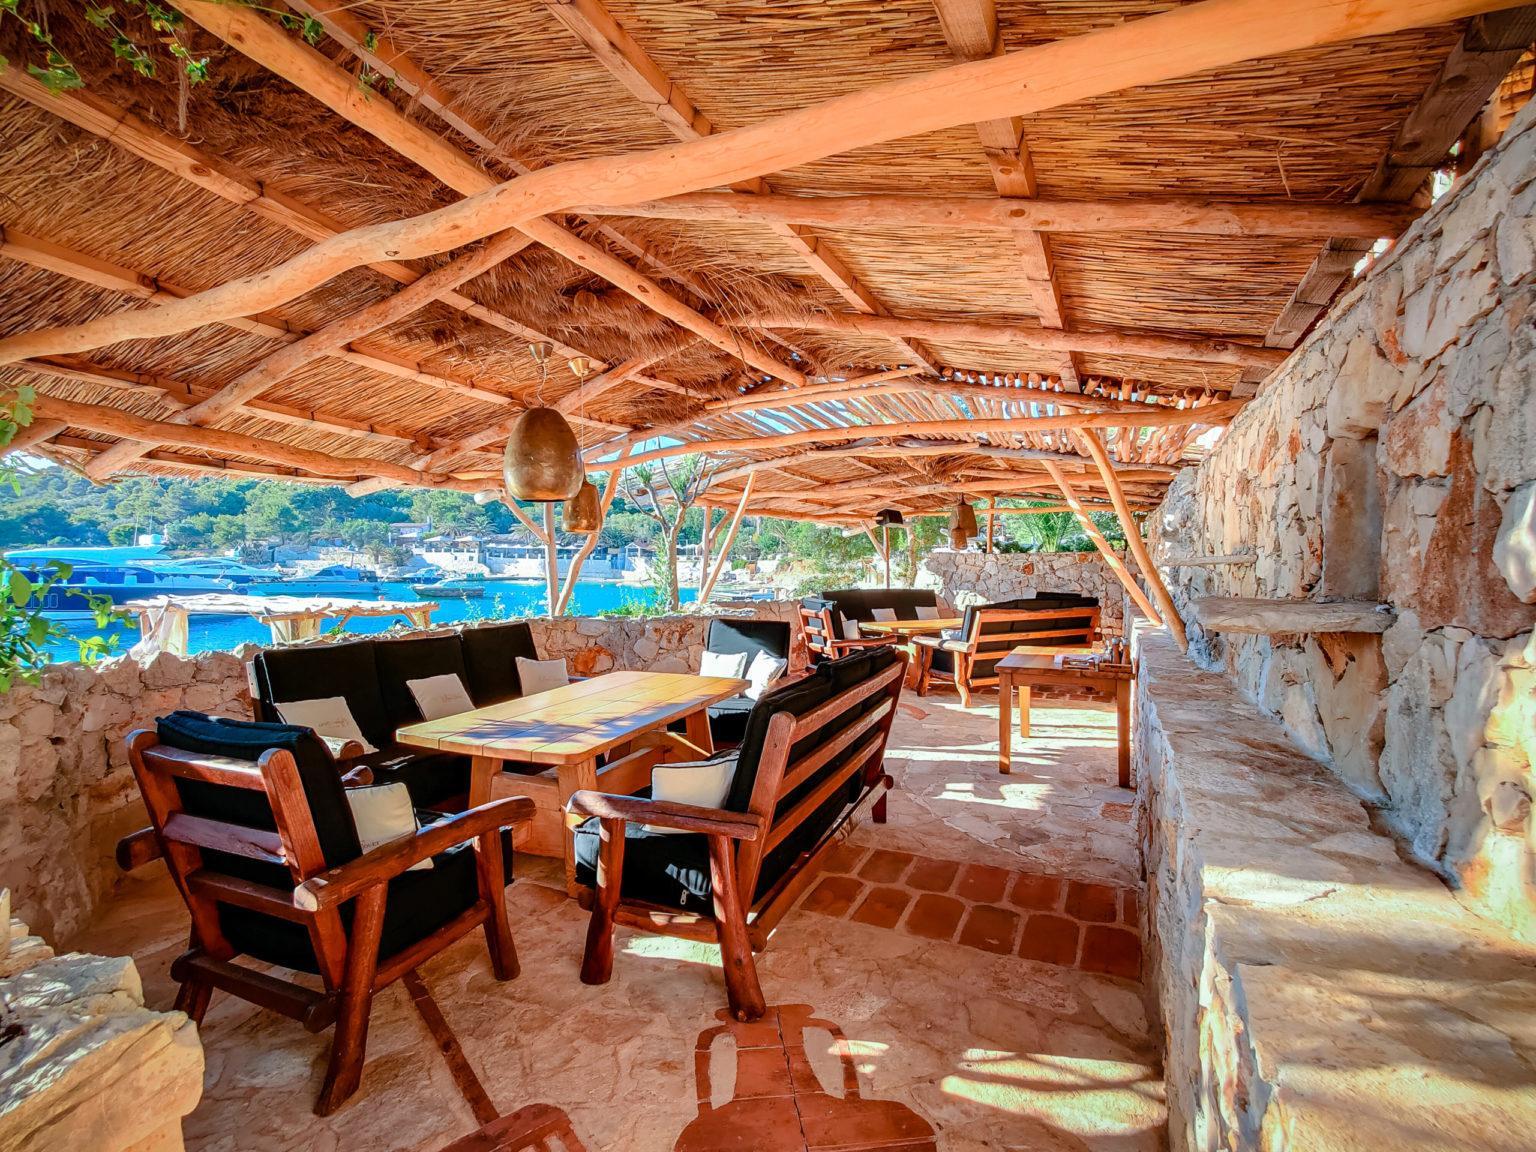 hochzeitslocation Kroatien location hochzeit heiraten 7 5 scaled - Beachclub in der Bucht